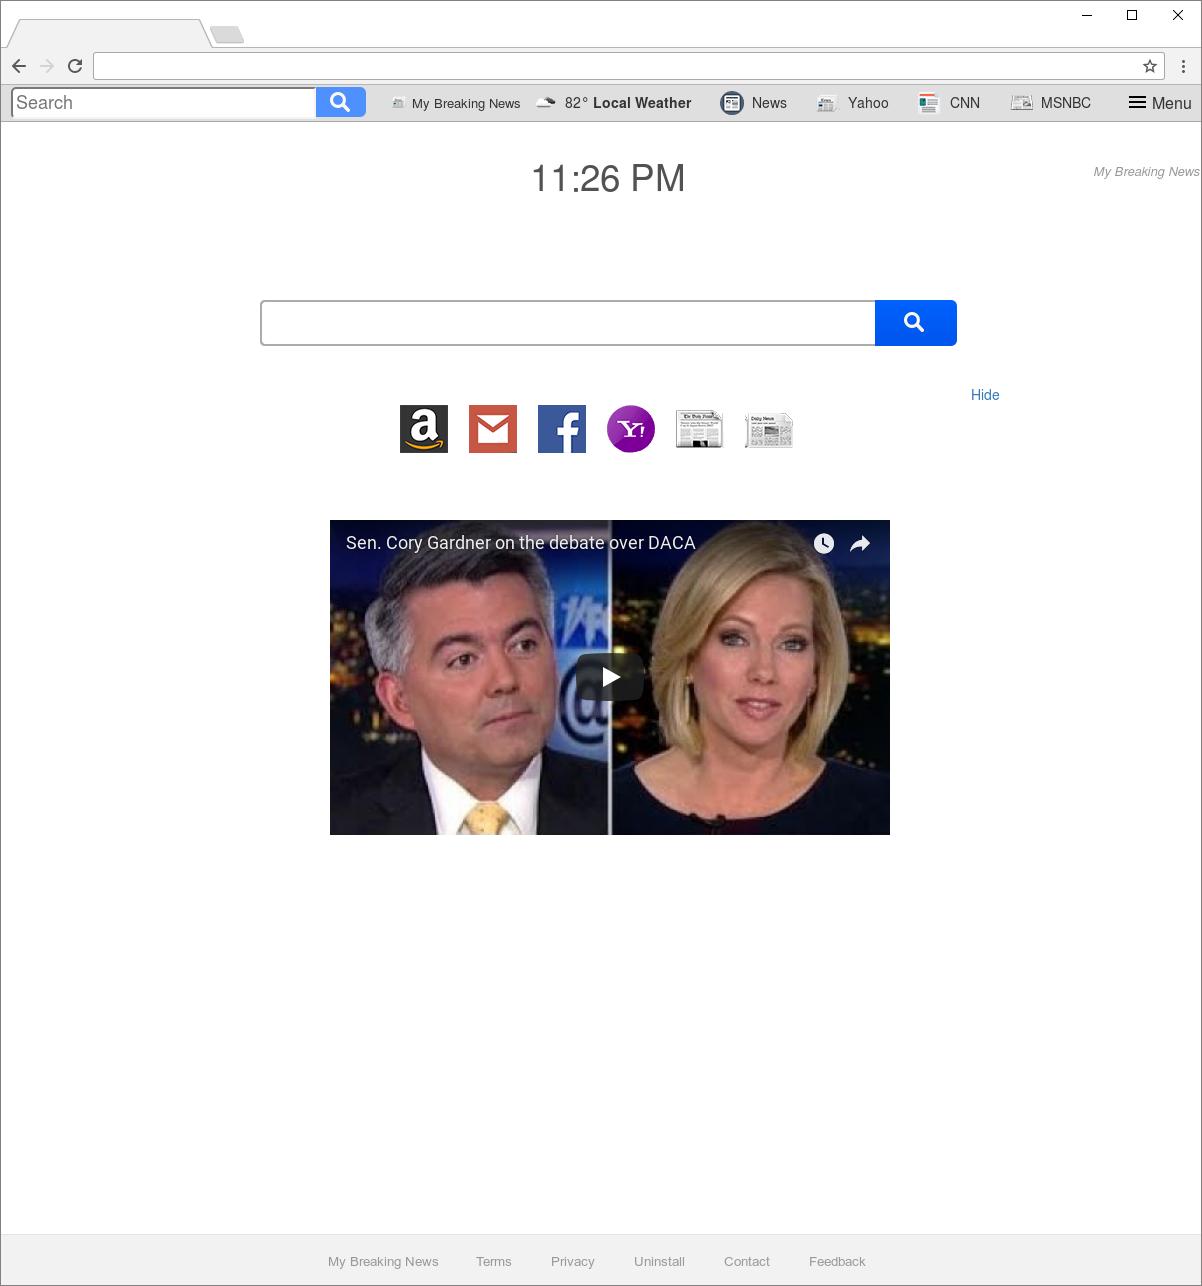 Search.searchjsmmbn.com Hijacker